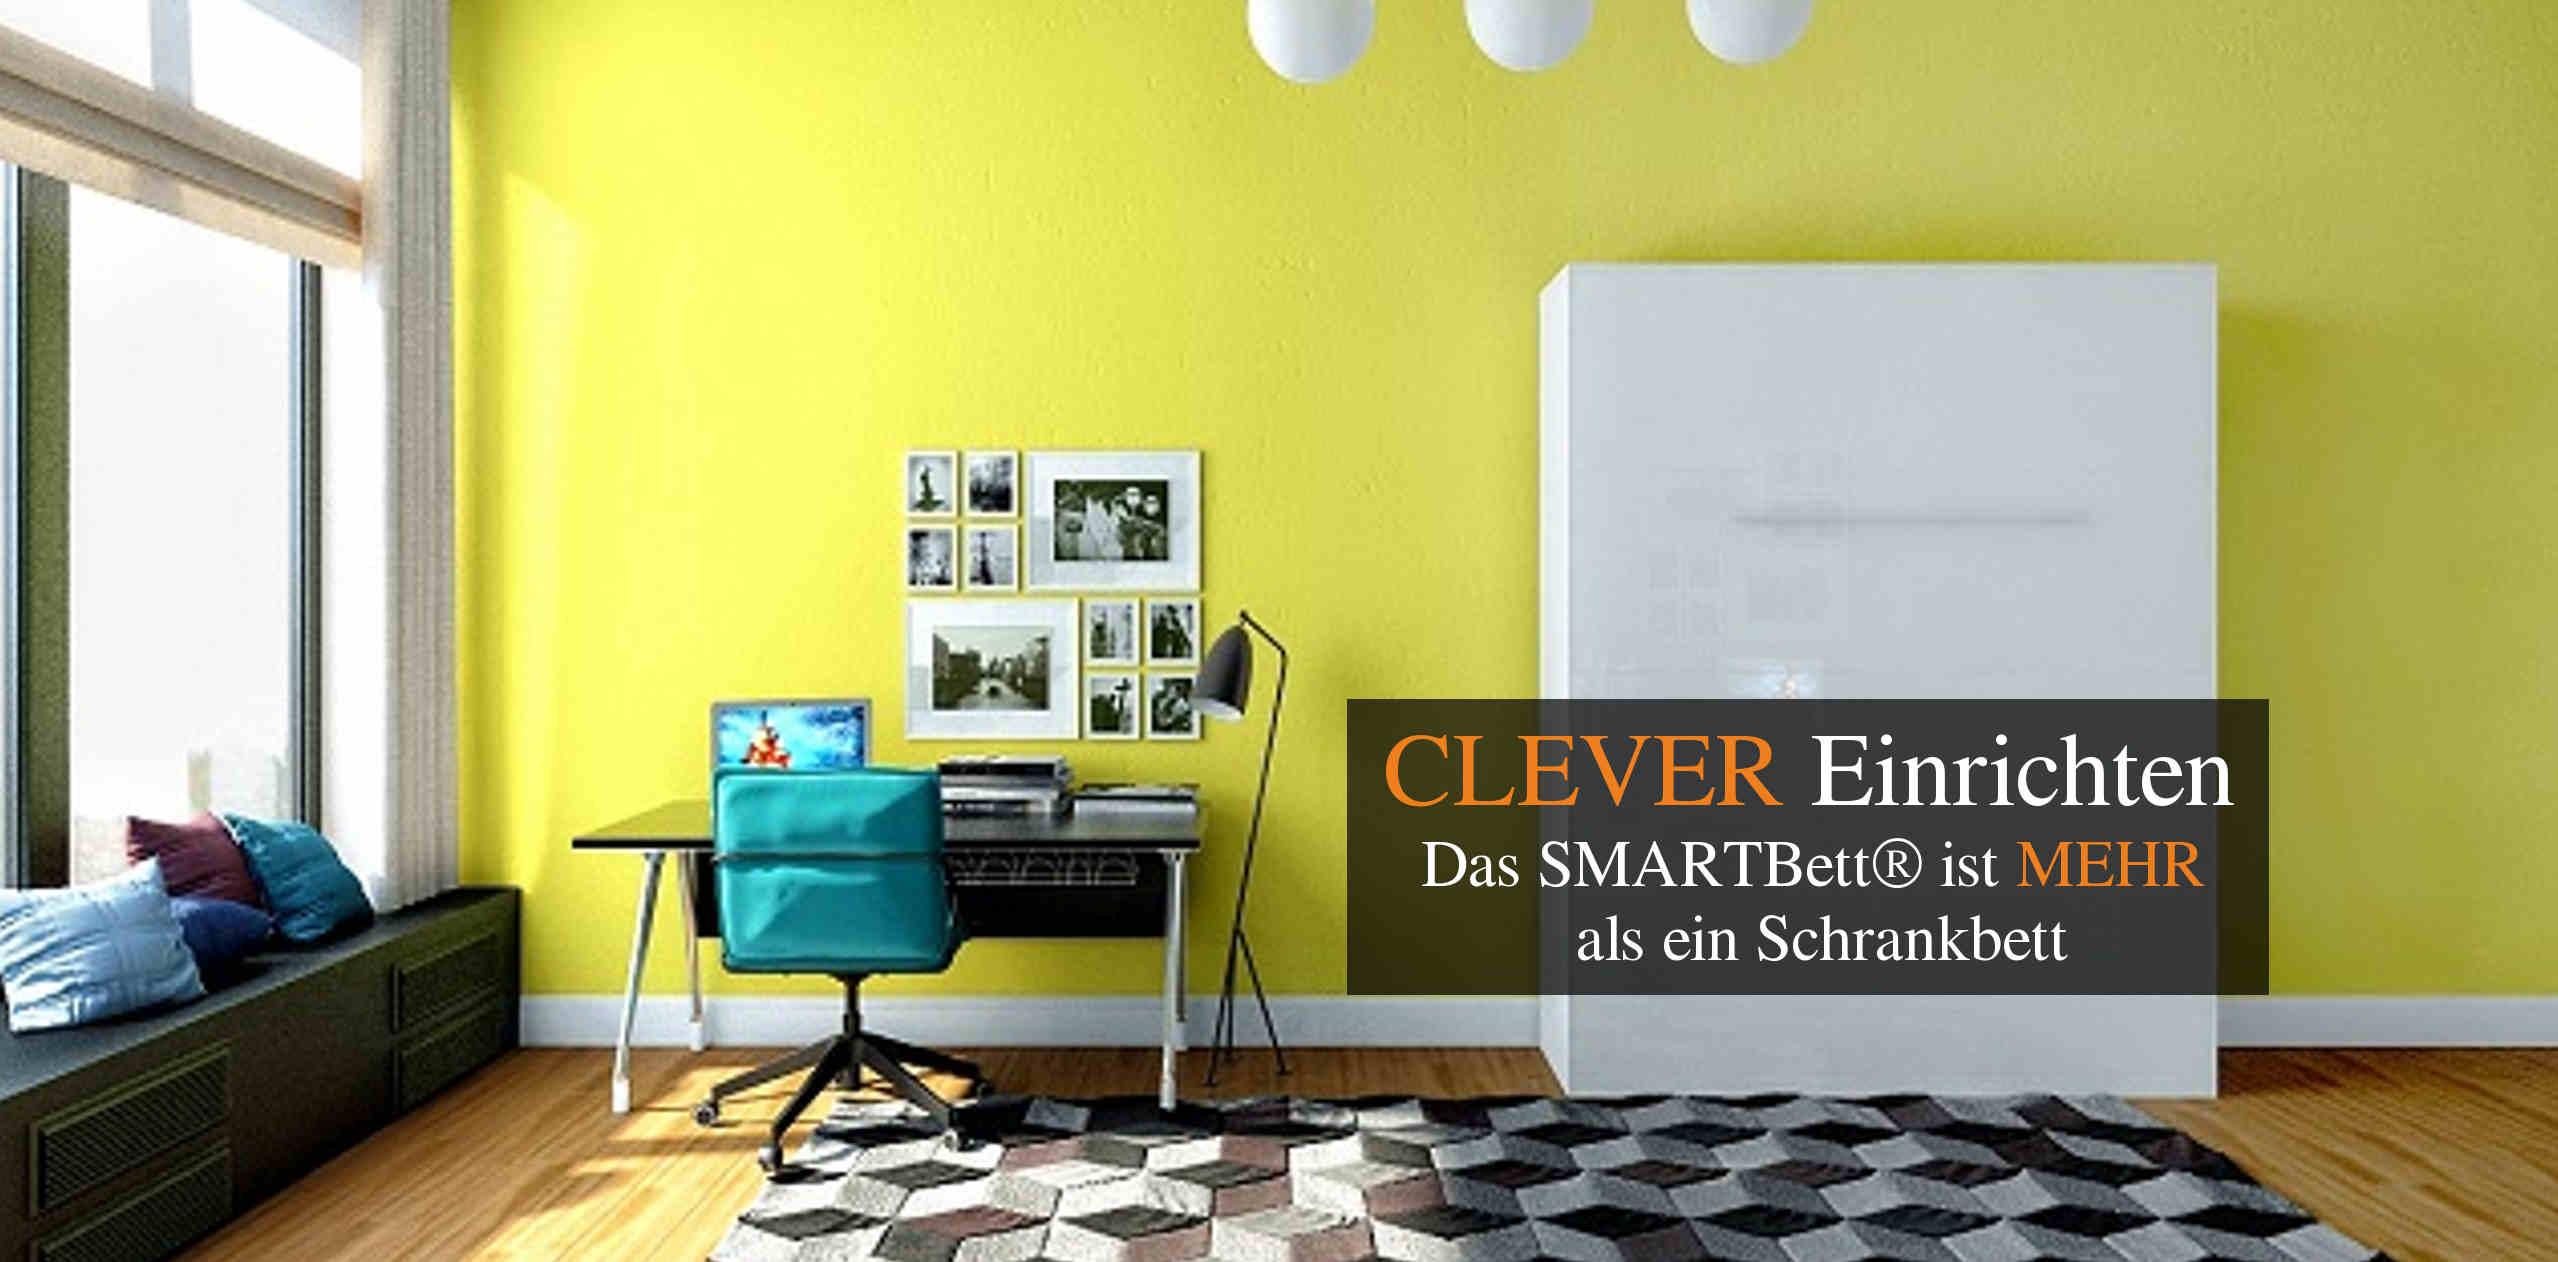 kuchenschranke clever einrichten : Schrankbett Smartbett Klappbett Clever einrichten - Das Smartbett ist ...